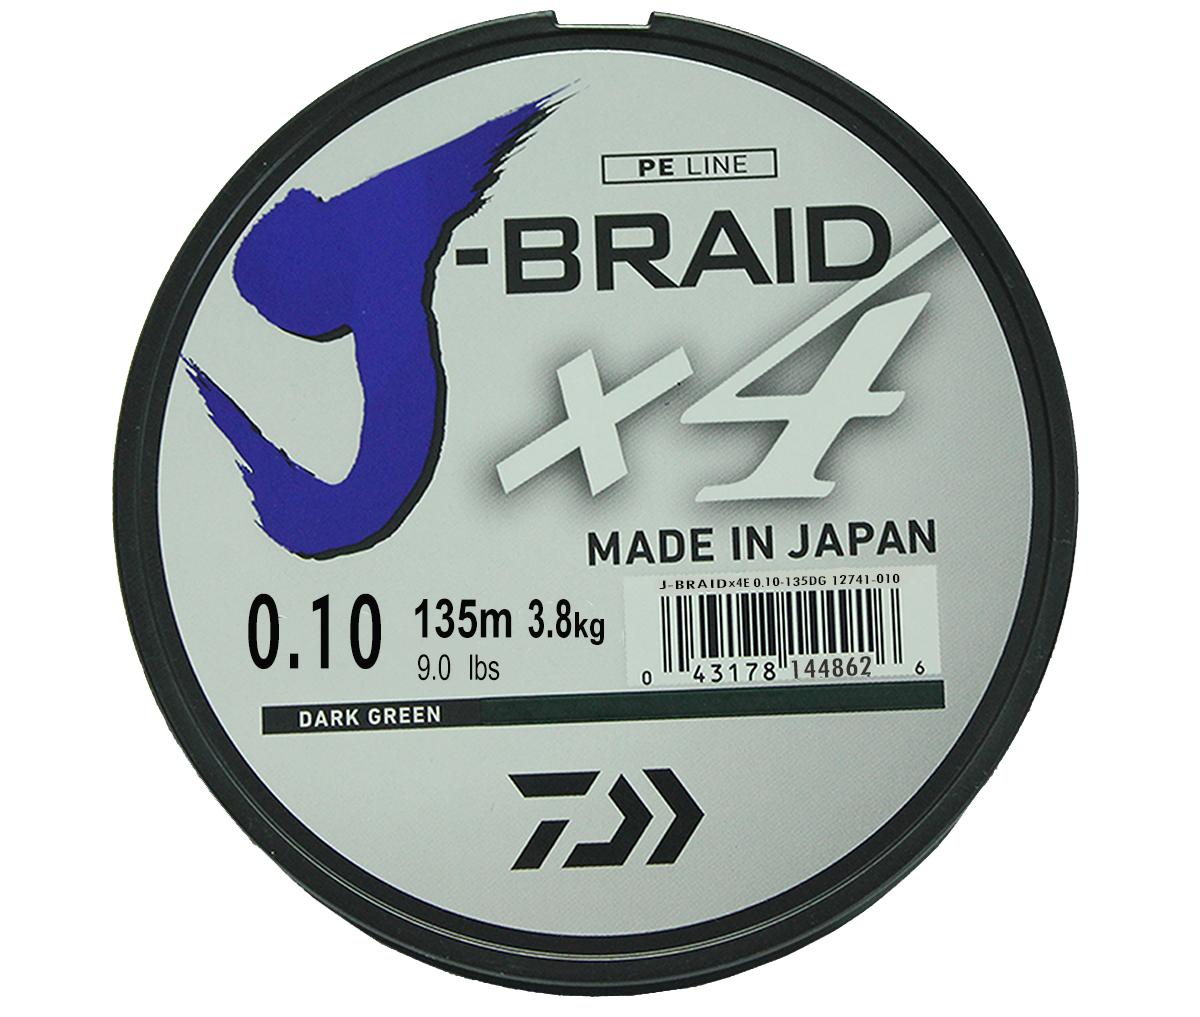 Шнур плетеный Daiwa J-Braid X4, цвет: зеленый, 135 м, 0,10 мм61159Новый четырехжильный шнур J-Braid от Daiwa - шнур высокого класса с удивительным соотношением цены и качества. Качество плетения полностью соответствует японским стандартам и удовлетворяет всем требованиям. Представленные диаметры позволяют использовать шнур для всех техник ловли, начиная от Ultra-Light ловли окуня, до морской ловли палтуса, трески и так далее.